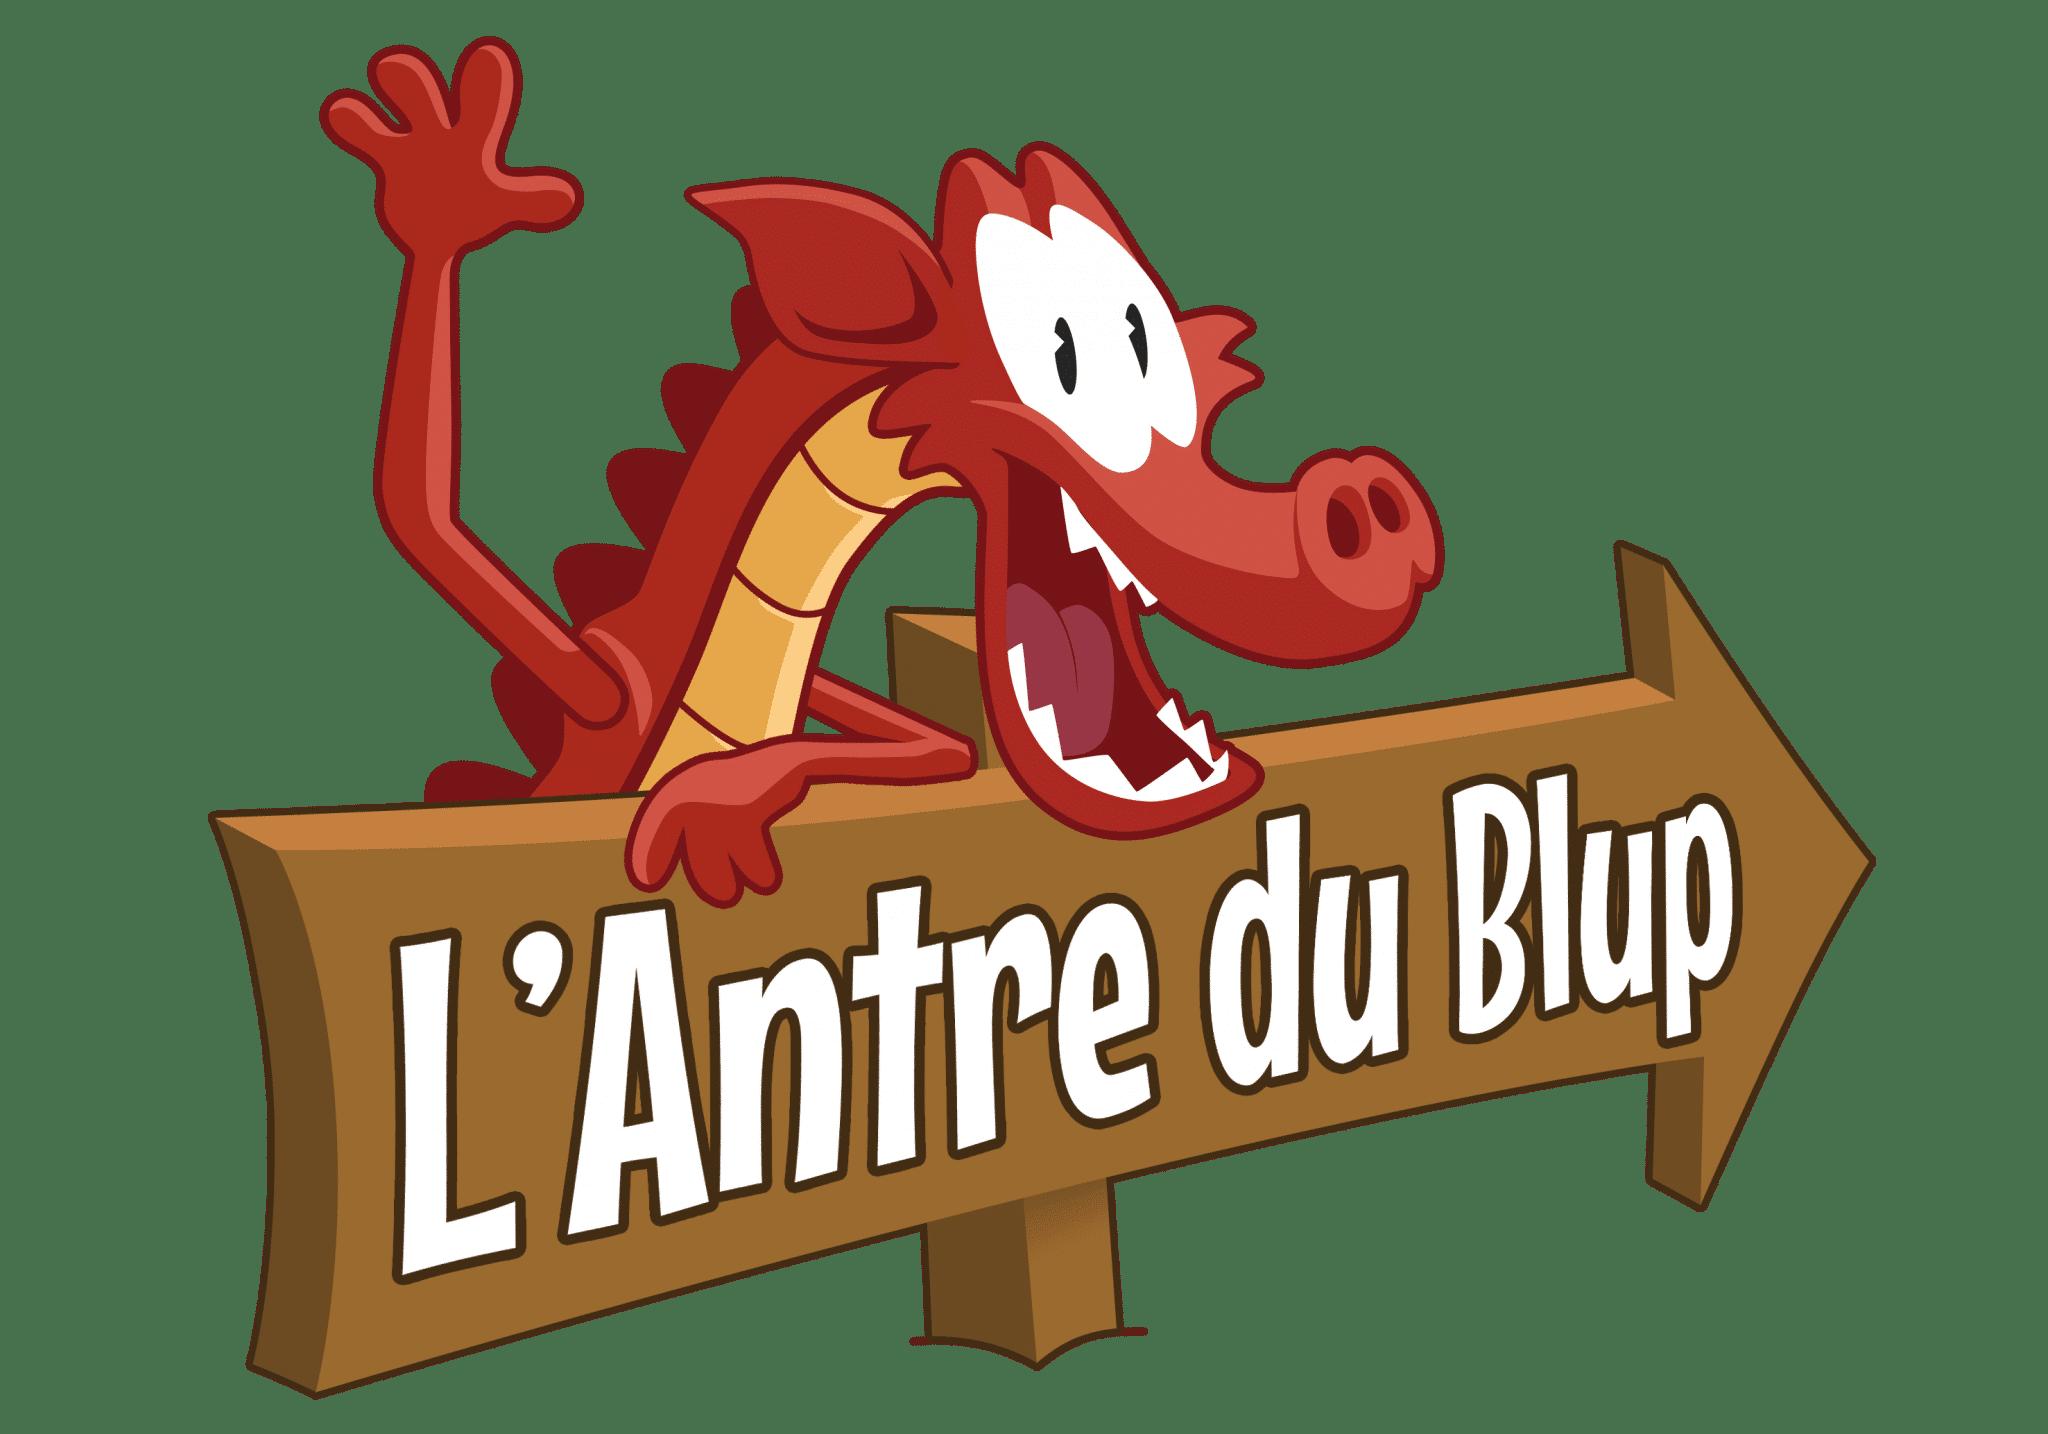 logo_antredublupcom